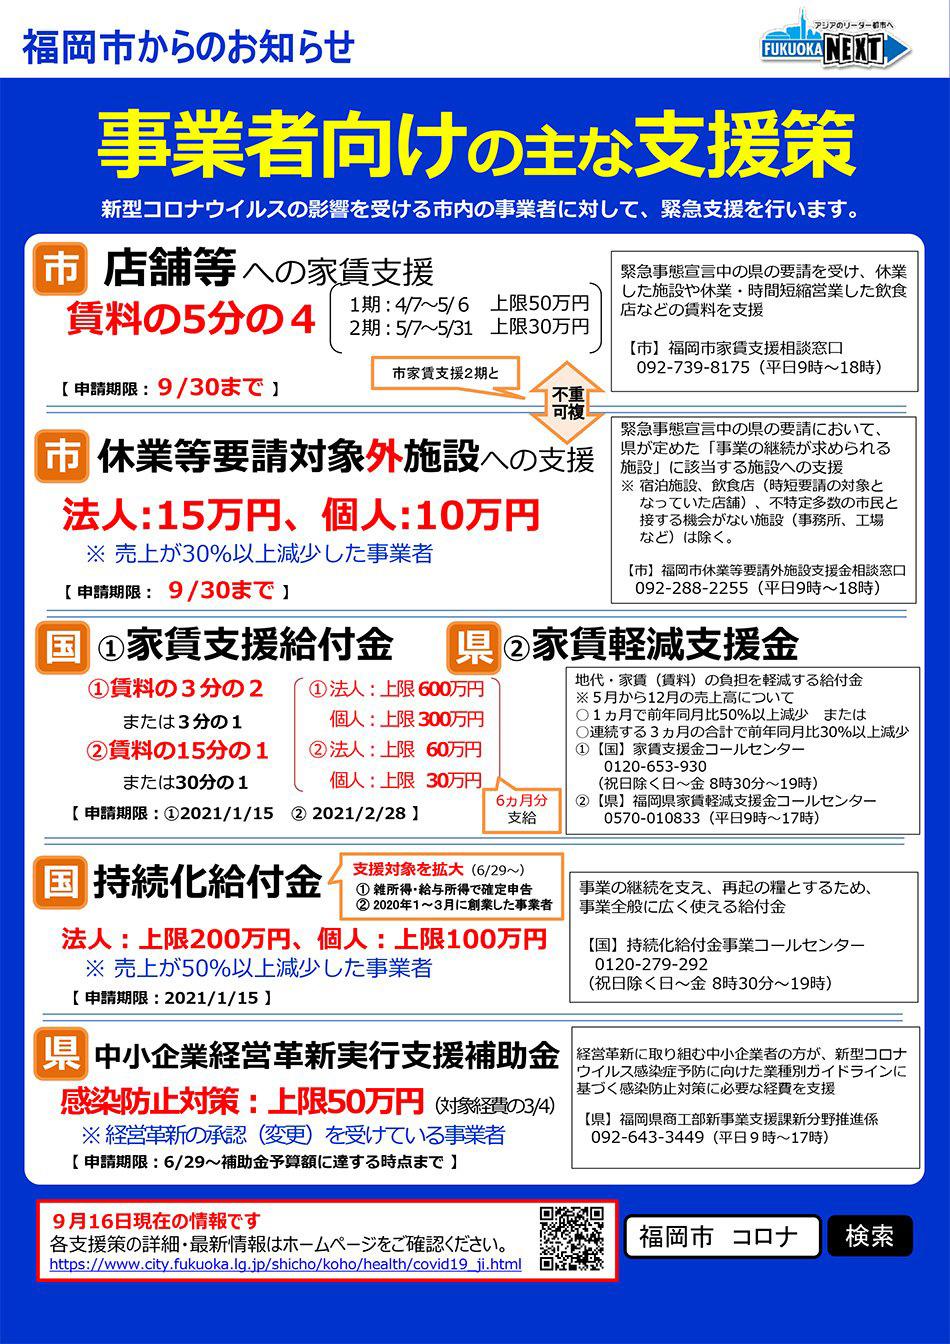 最新 情報 福岡 コロナ